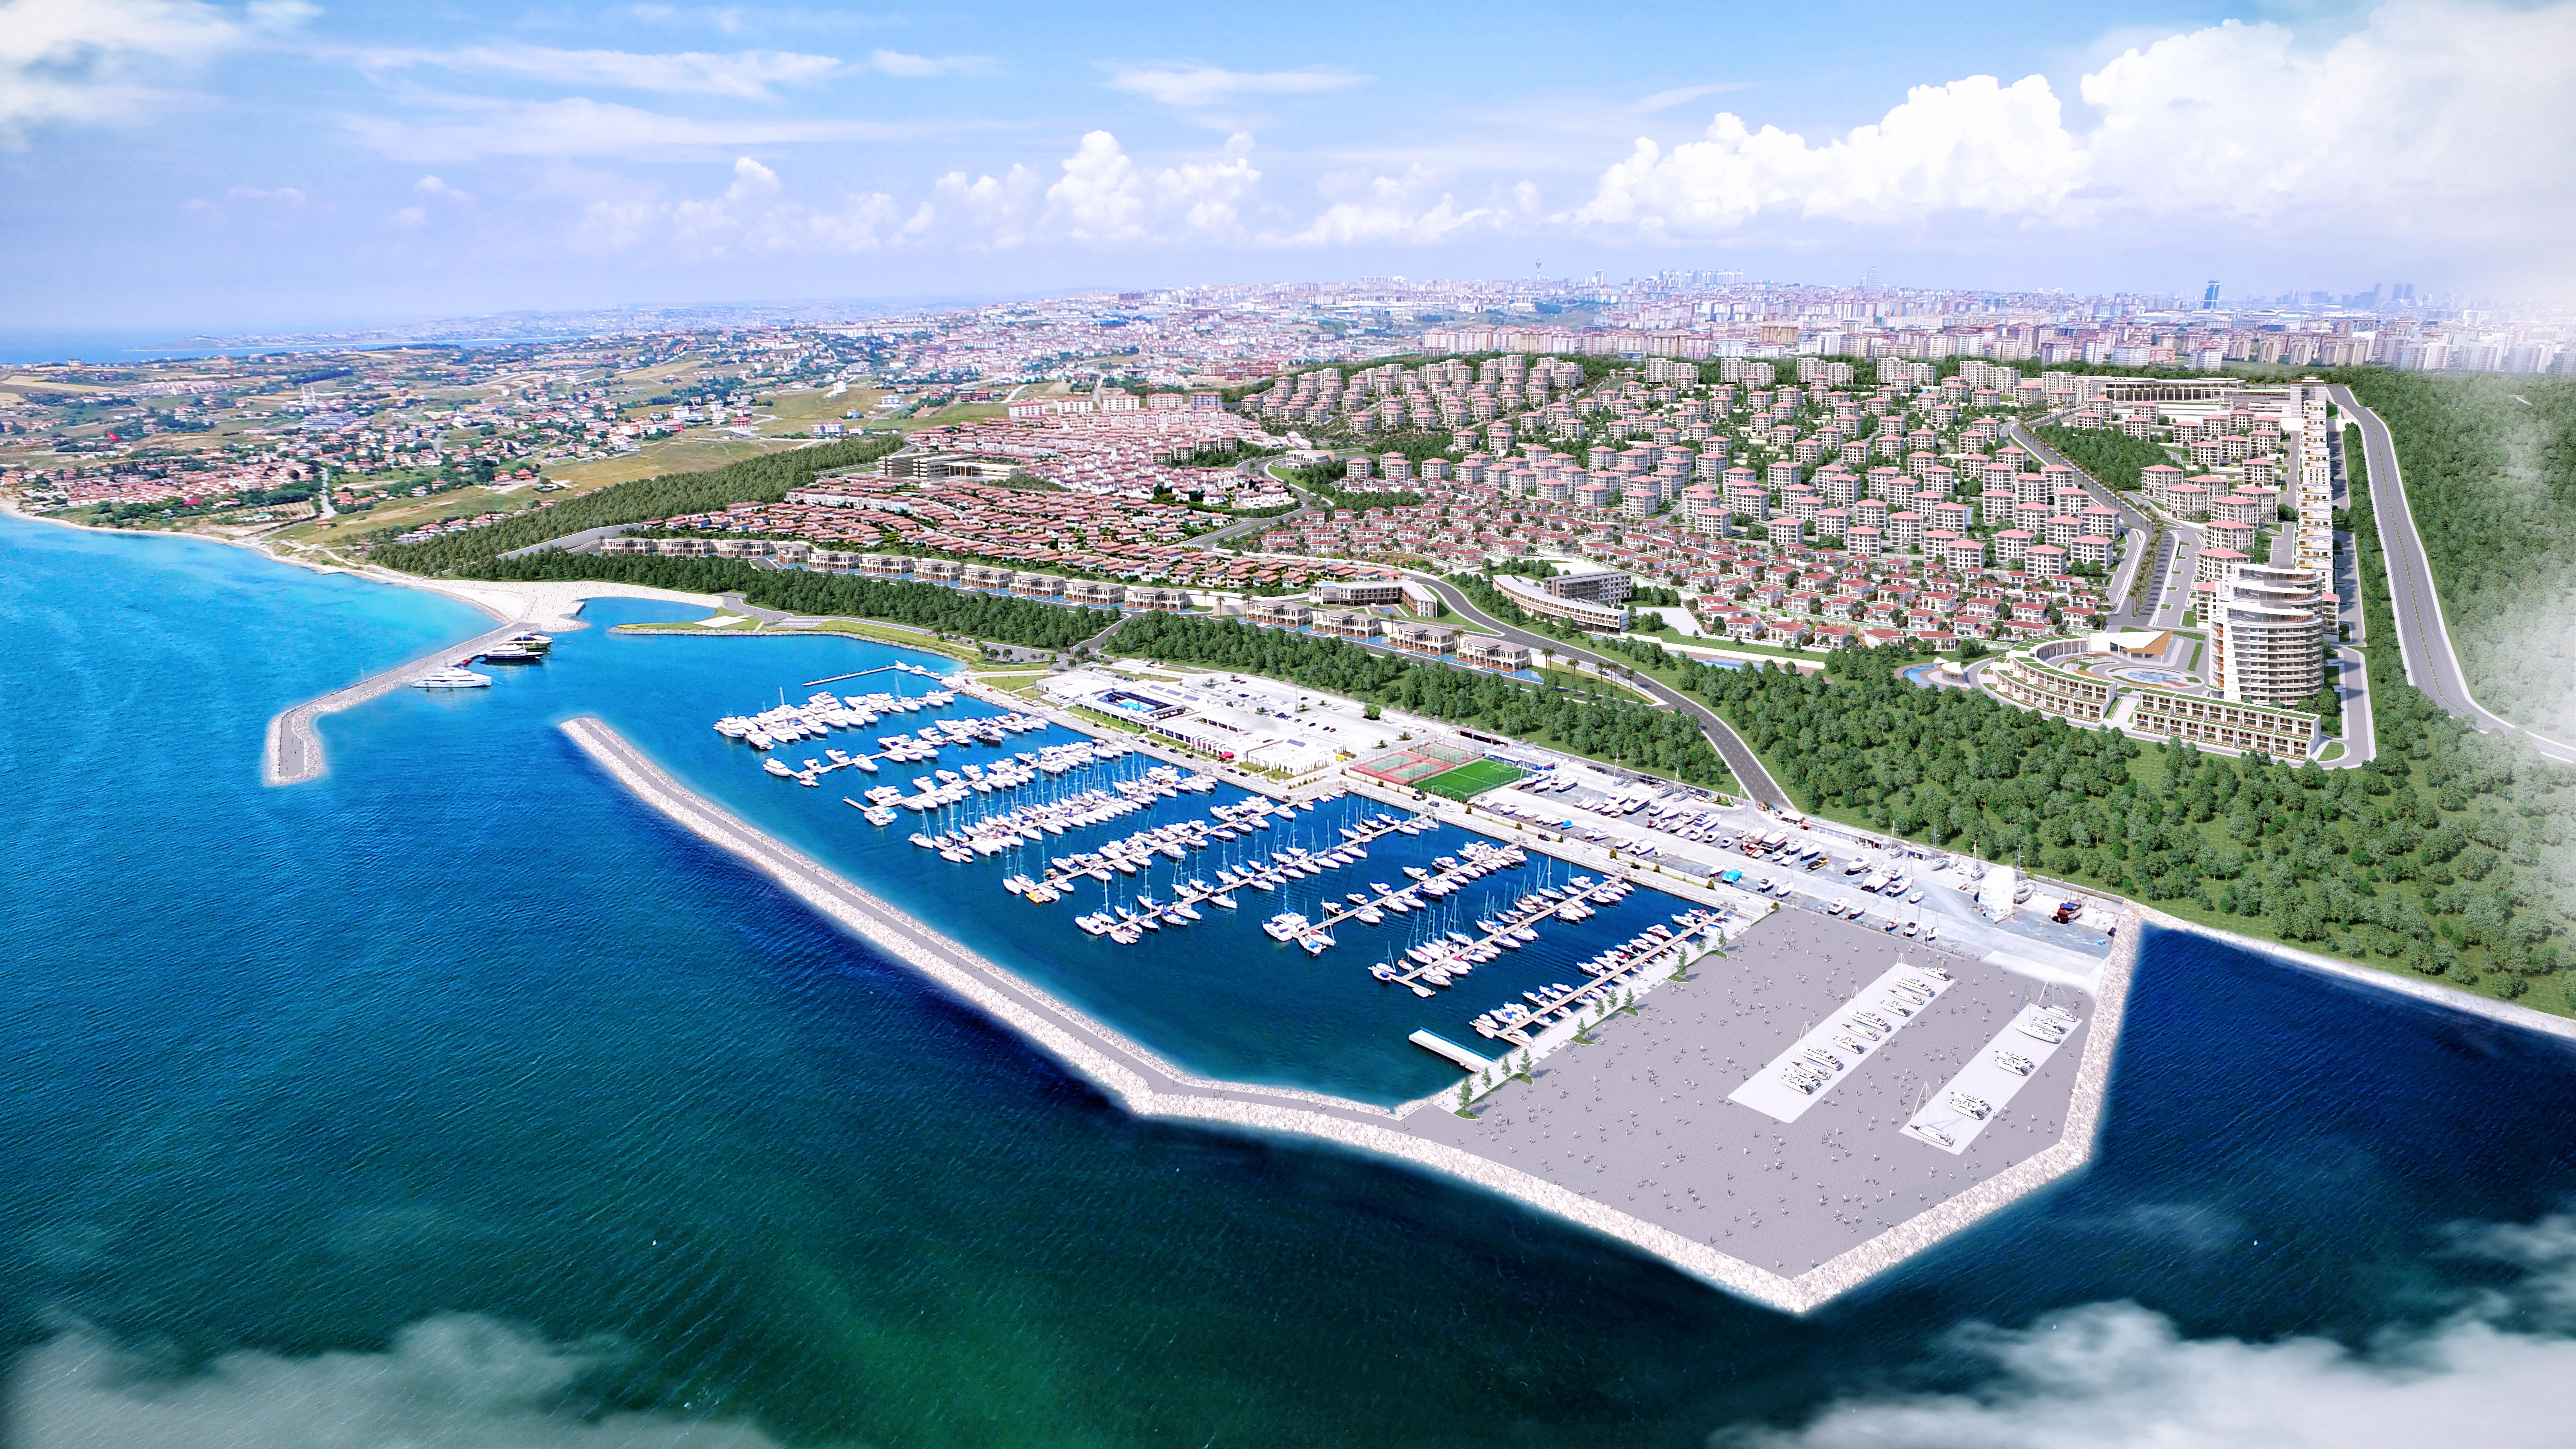 تركيا اسطنبول بيليك دوزو شقق باطلالات بحرية للبيع في اسطنبول hr-116